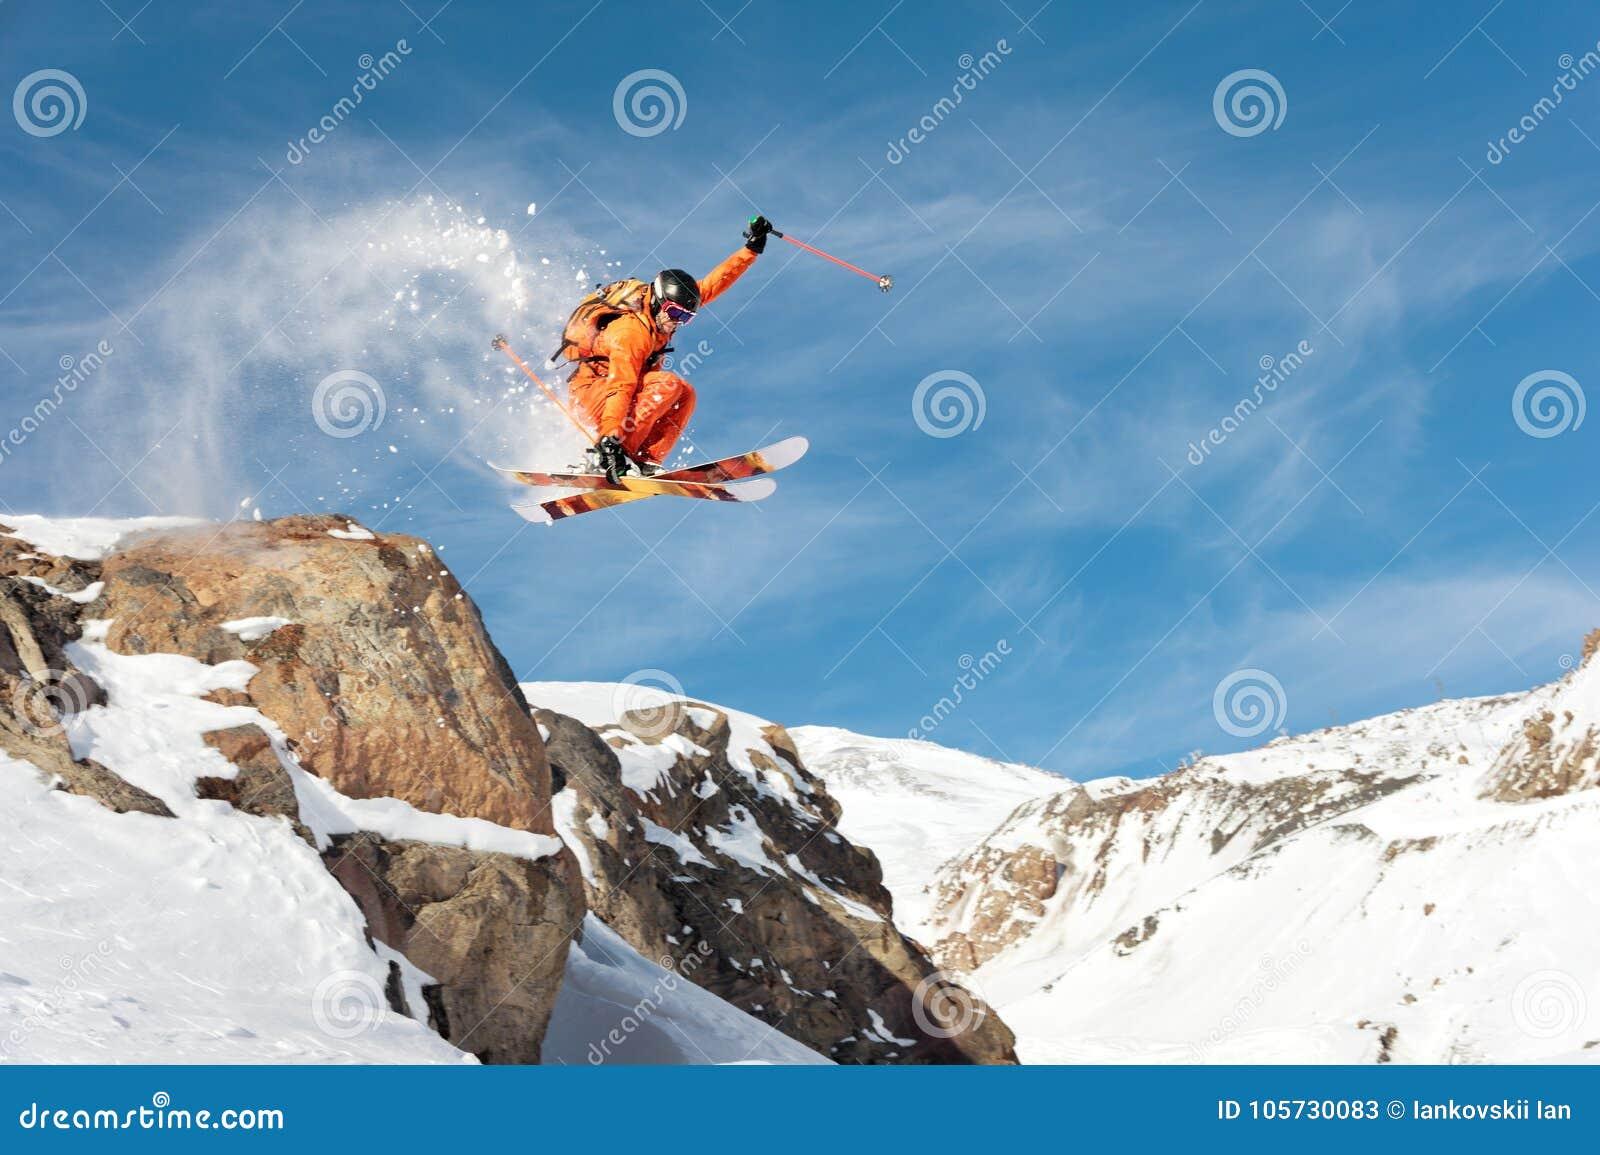 Профессиональный лыжник делает скачк-падение от высокой скалы против голубого неба выходя след порошка снега в